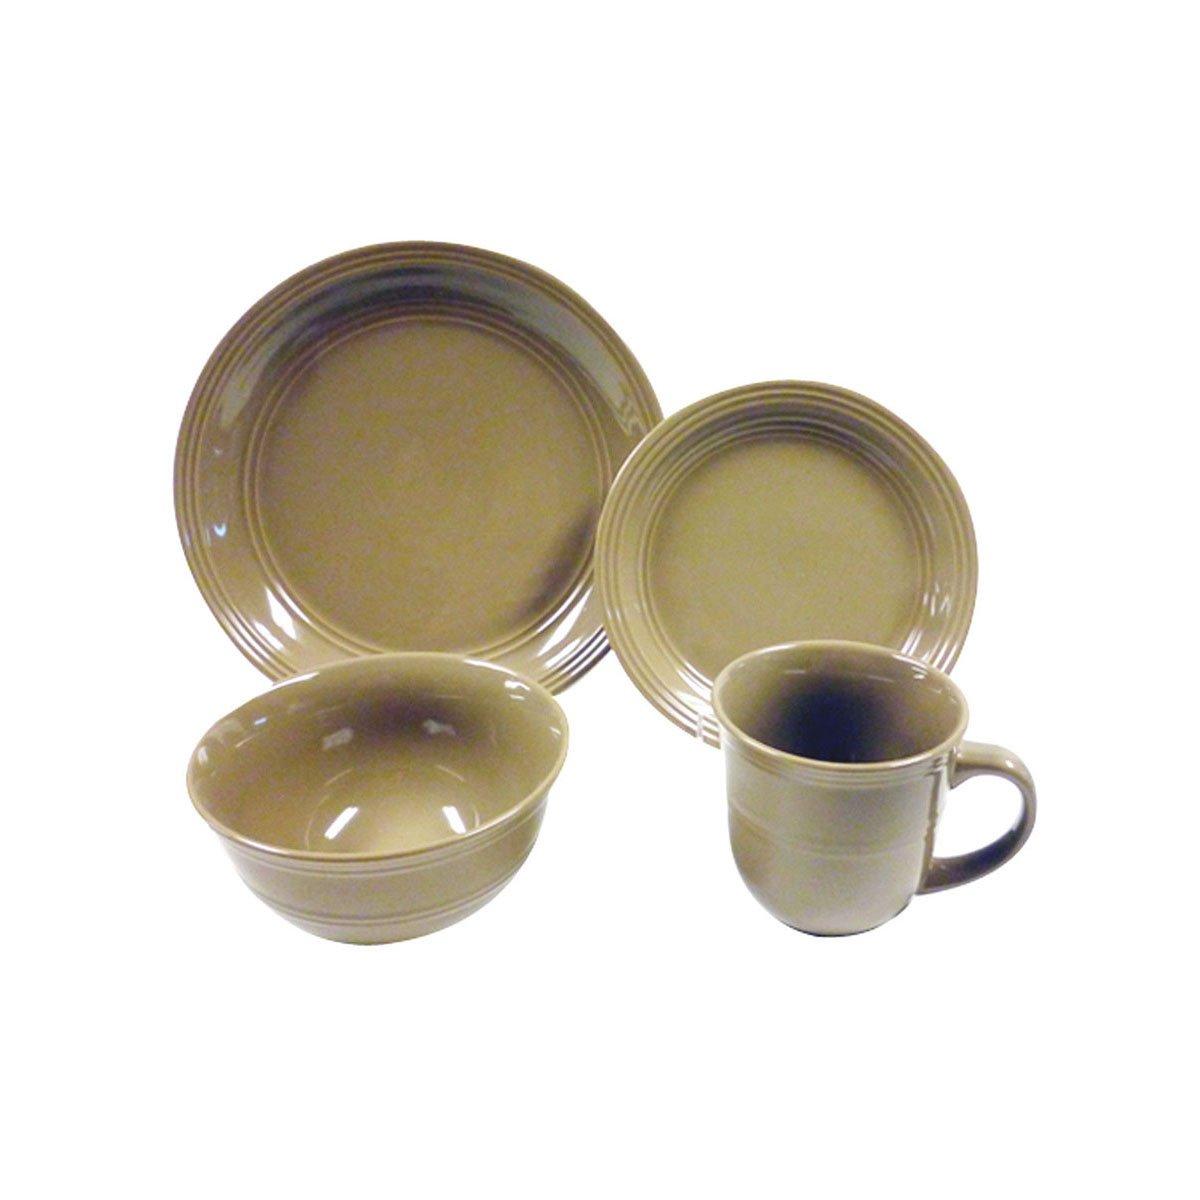 Vajilla 16 piezas cer mica chocolate fc 28540 sears com for Vajilla ceramica